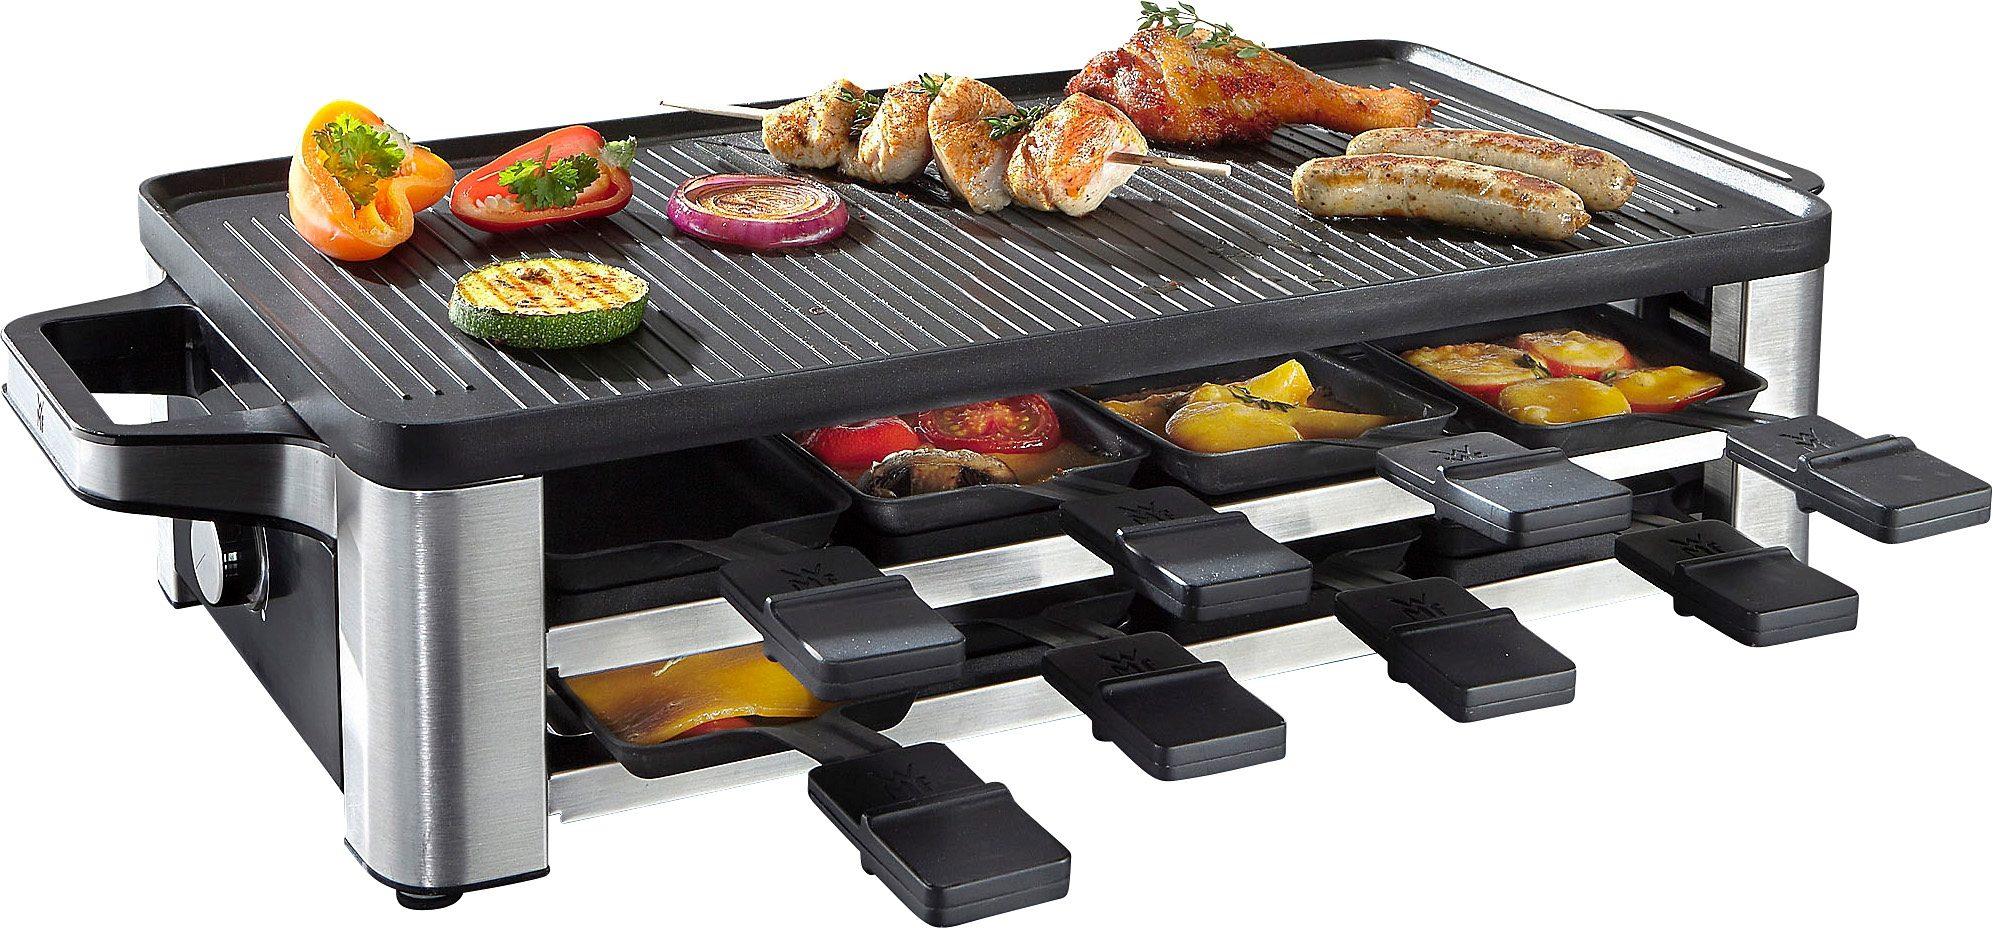 WMF Raclette LONO, 1500 Watt | Küche und Esszimmer > Küchengeräte > Raclette | WMF